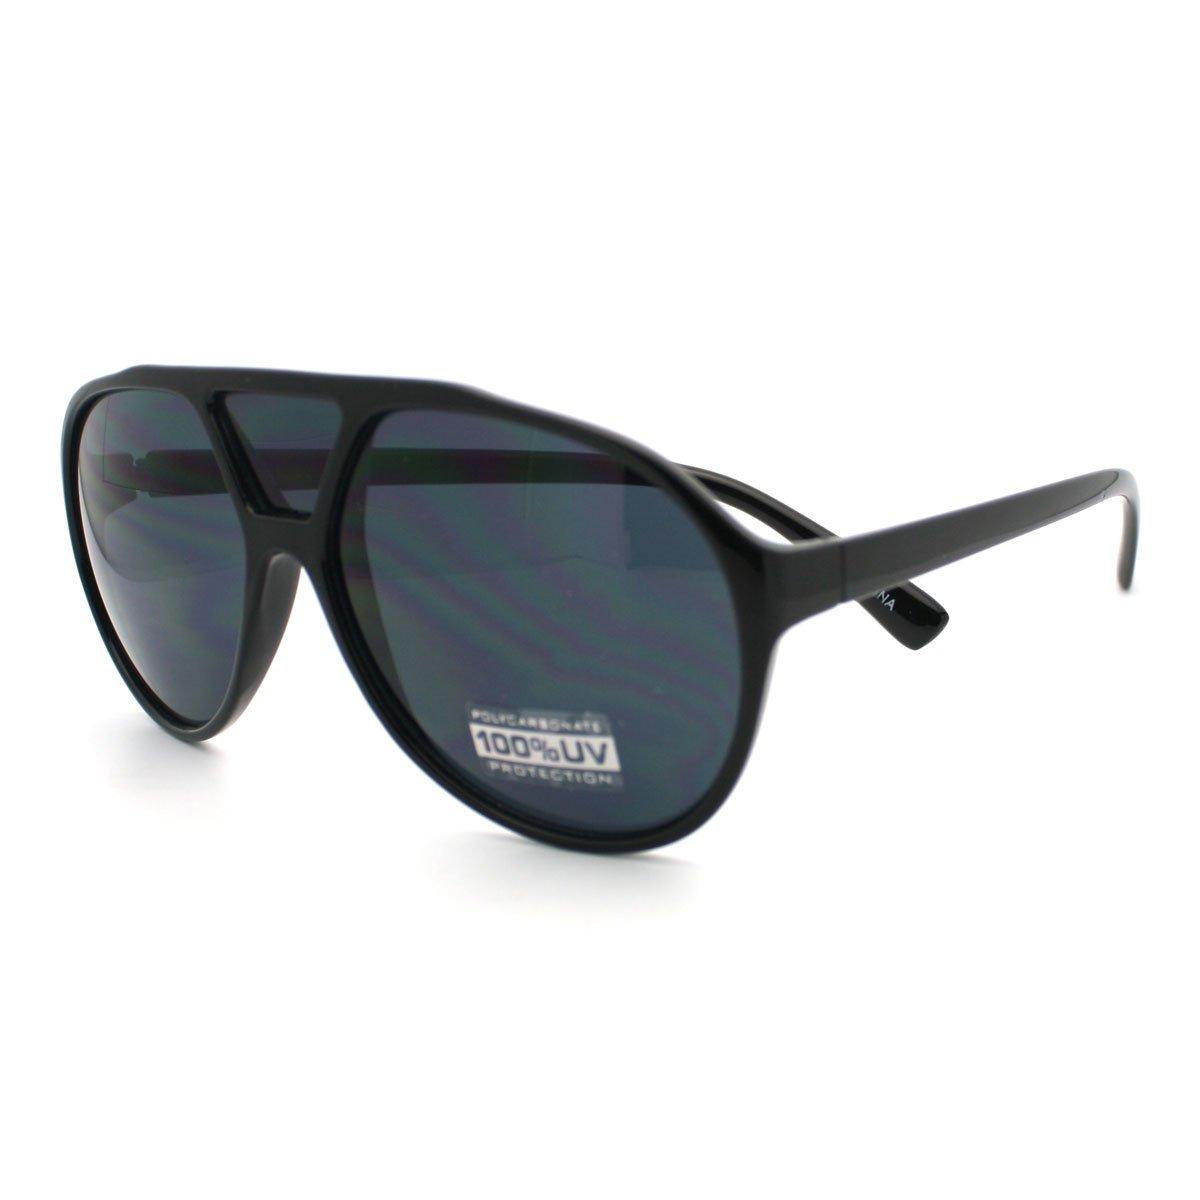 737a4a76df2ff Amazon.com  All Black Racer Aviator Sunglasses Retro Tear Drop Frame Third  Bridge Lens  Clothing